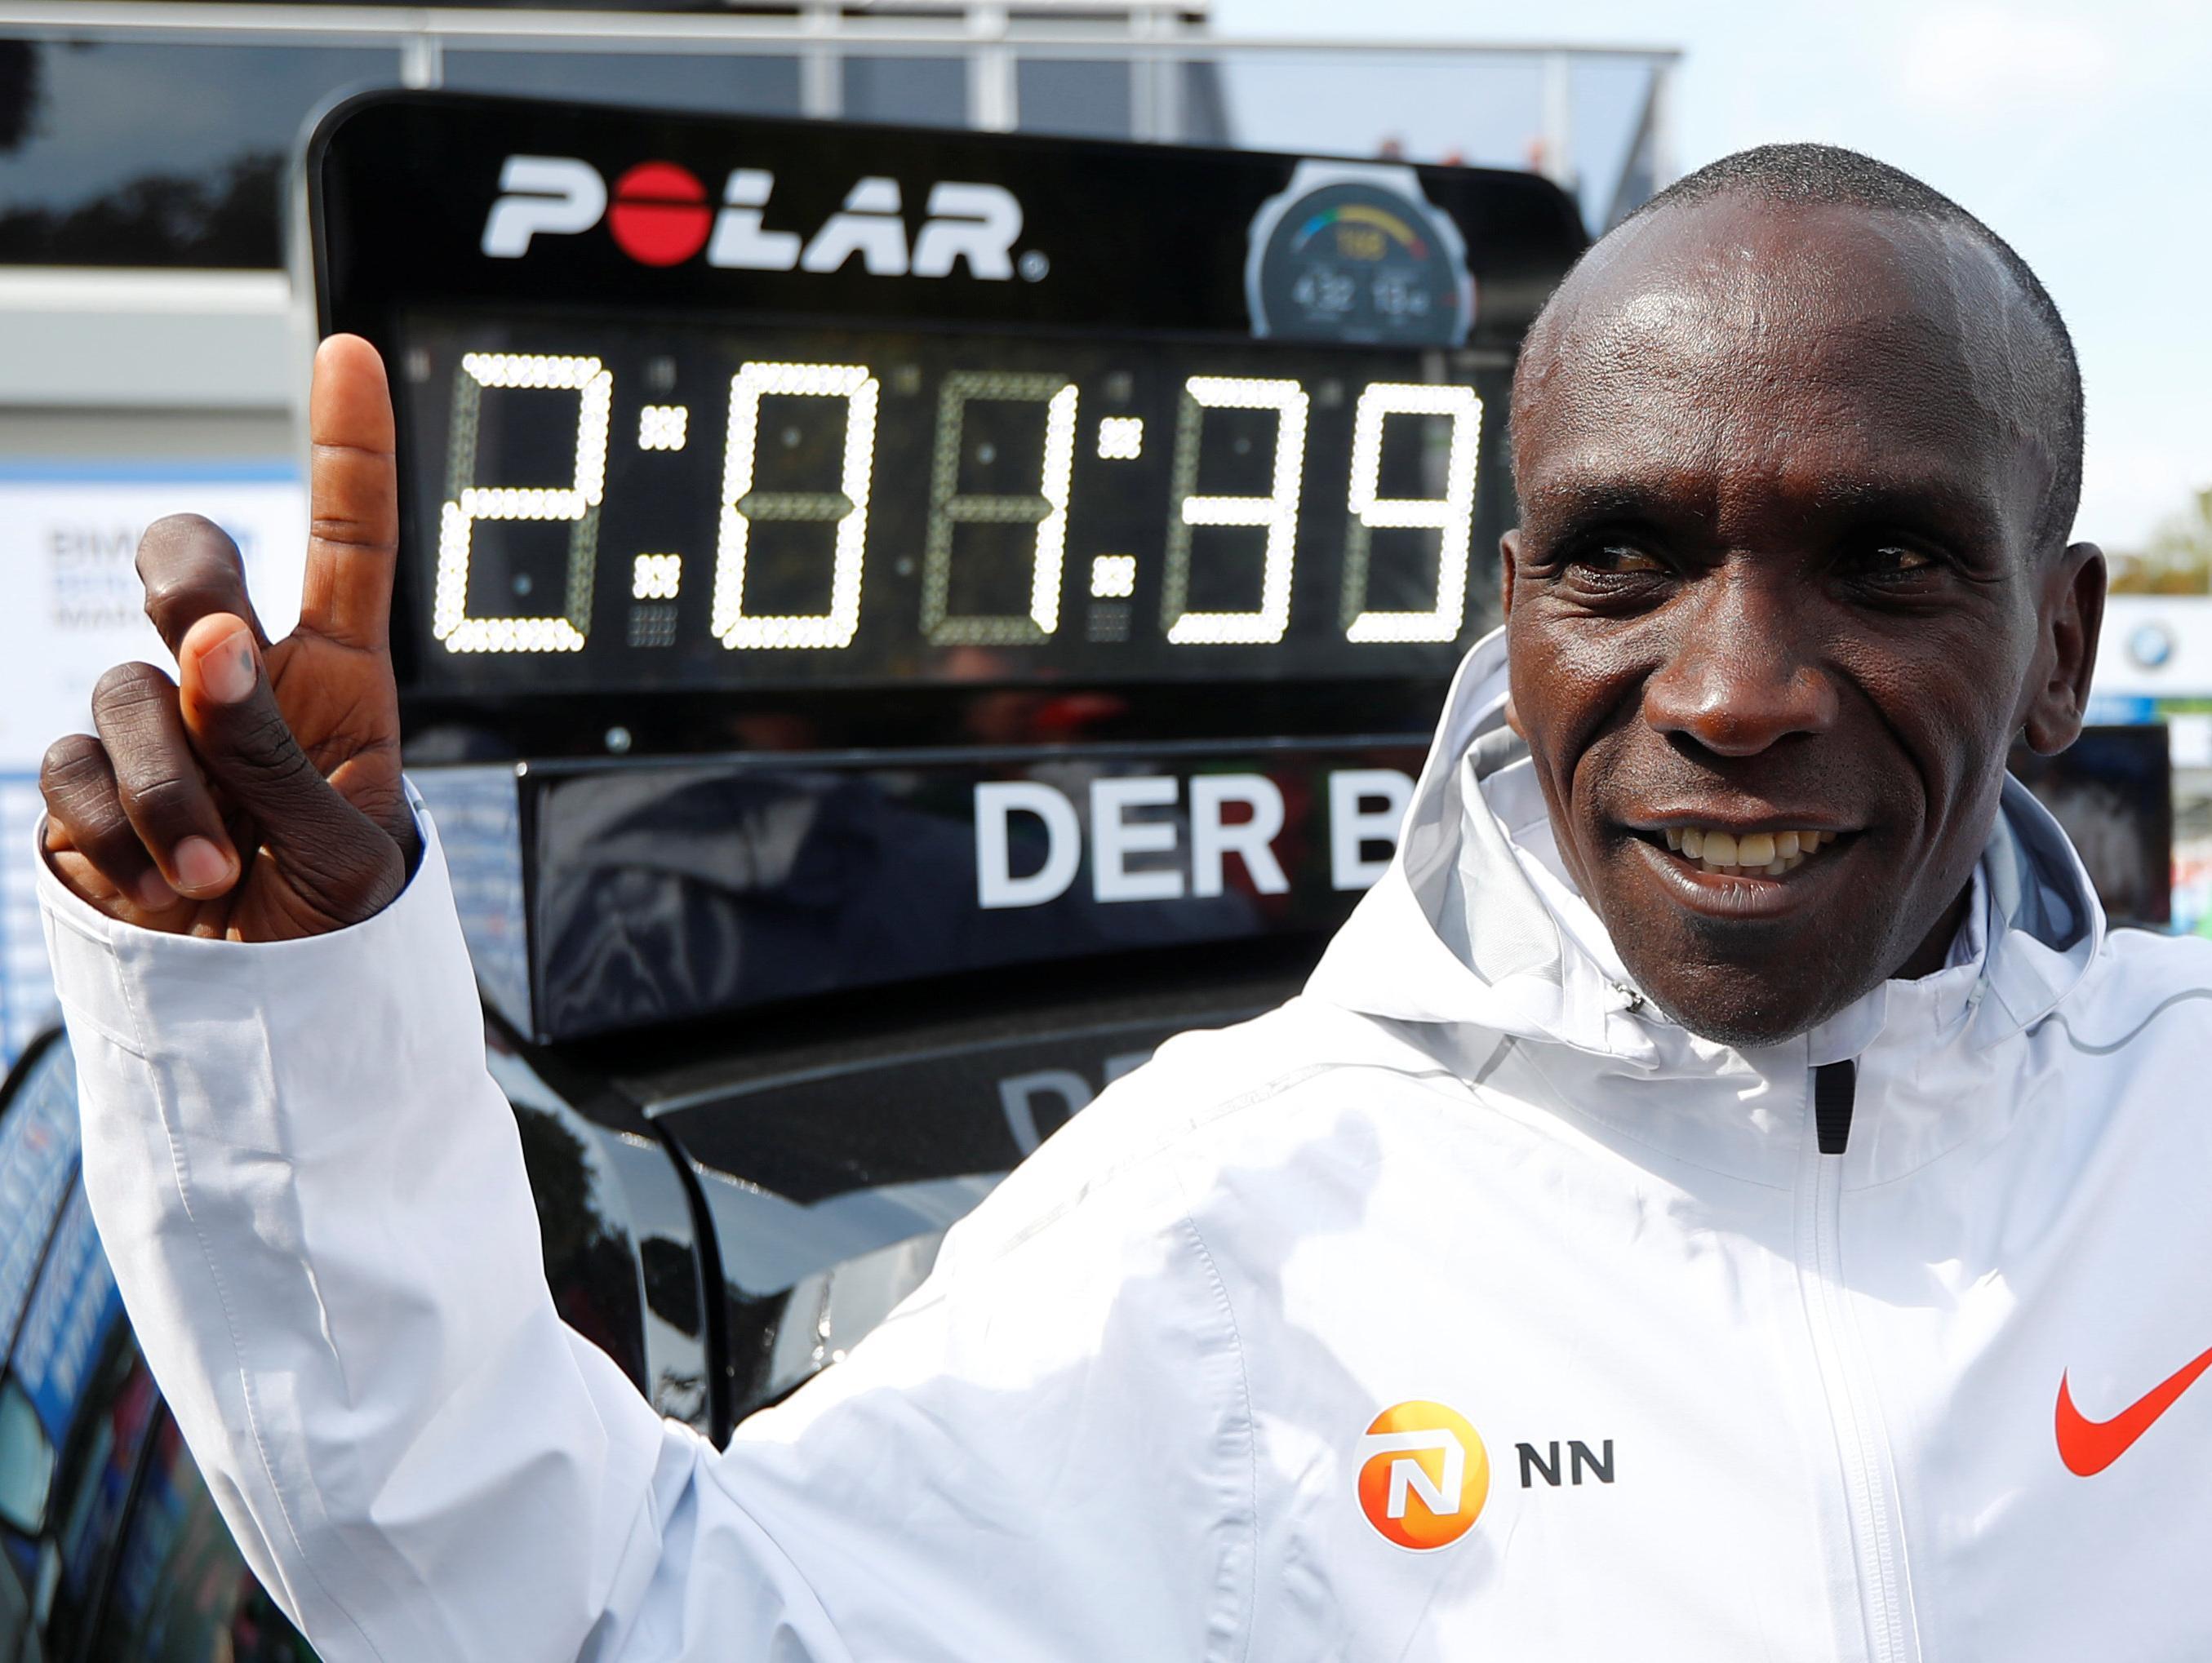 אליוד קיפצ'וגה הקנייתי קבע בברלין שיא עולמי חדש בריצת מרתון